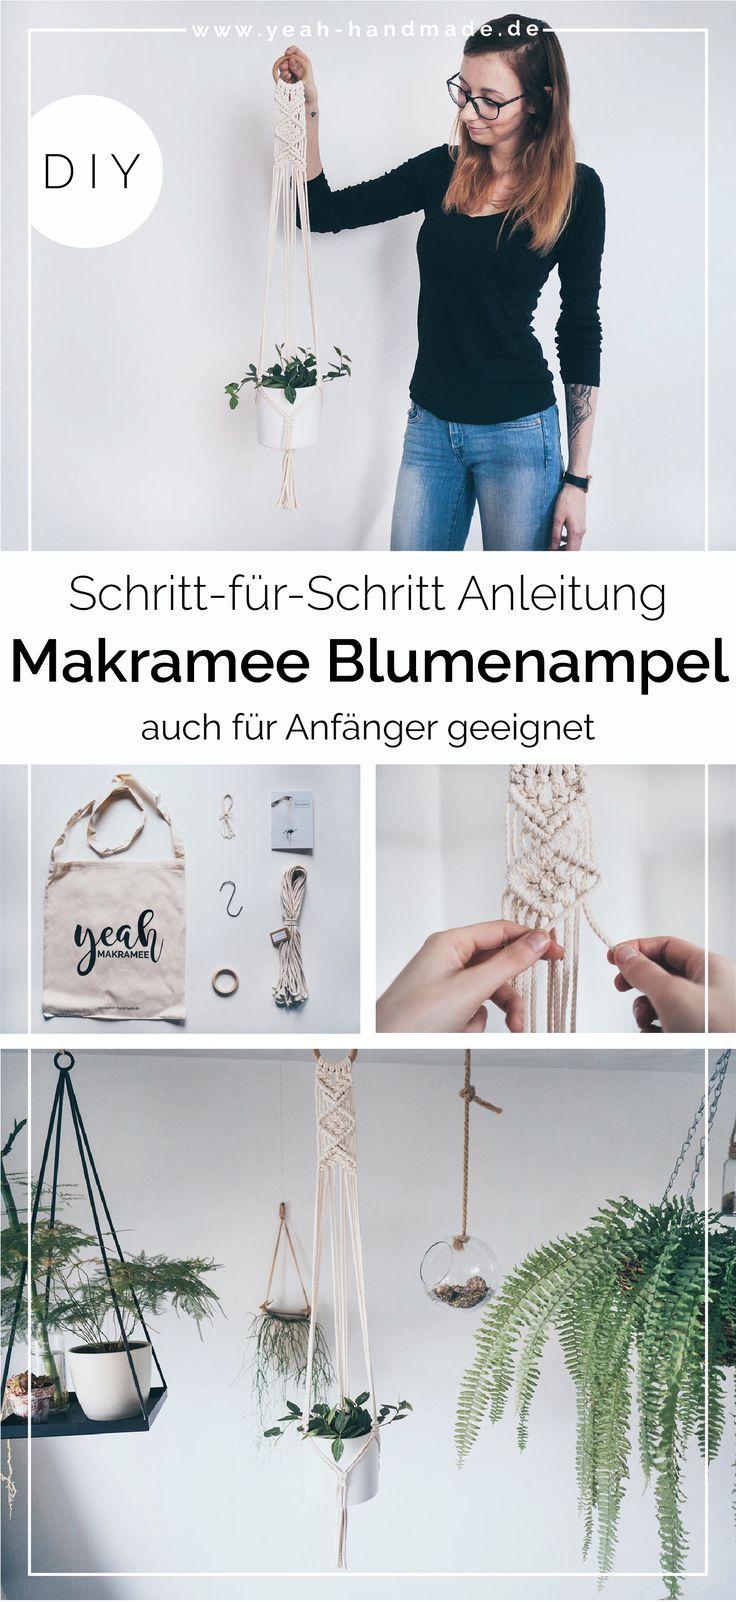 Photo of DIY Makramee Blumenampel selber machen • Yeah Handmade